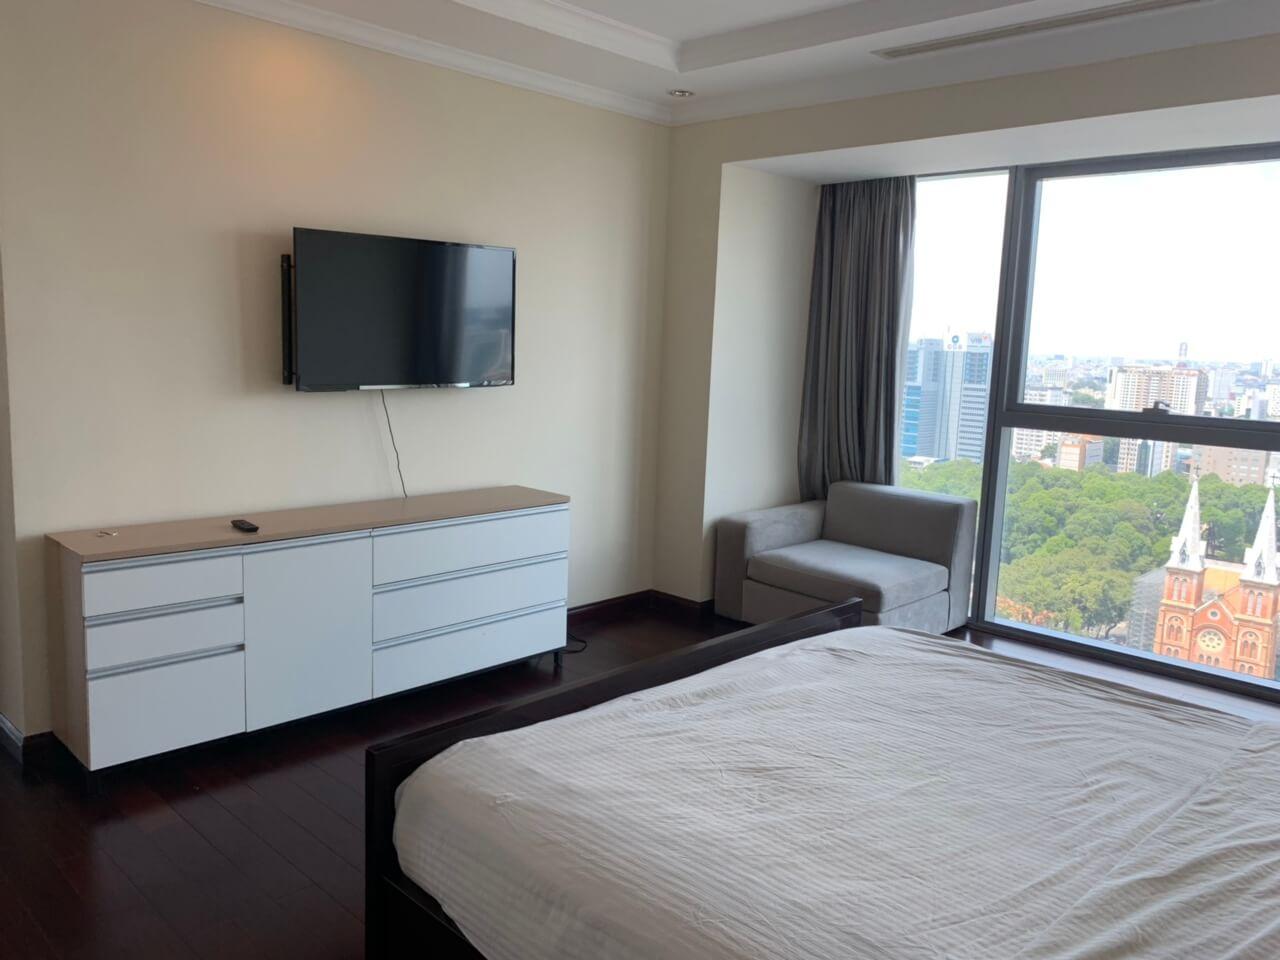 Tiện ích căn hộ Vinhomes Đồng Khởi